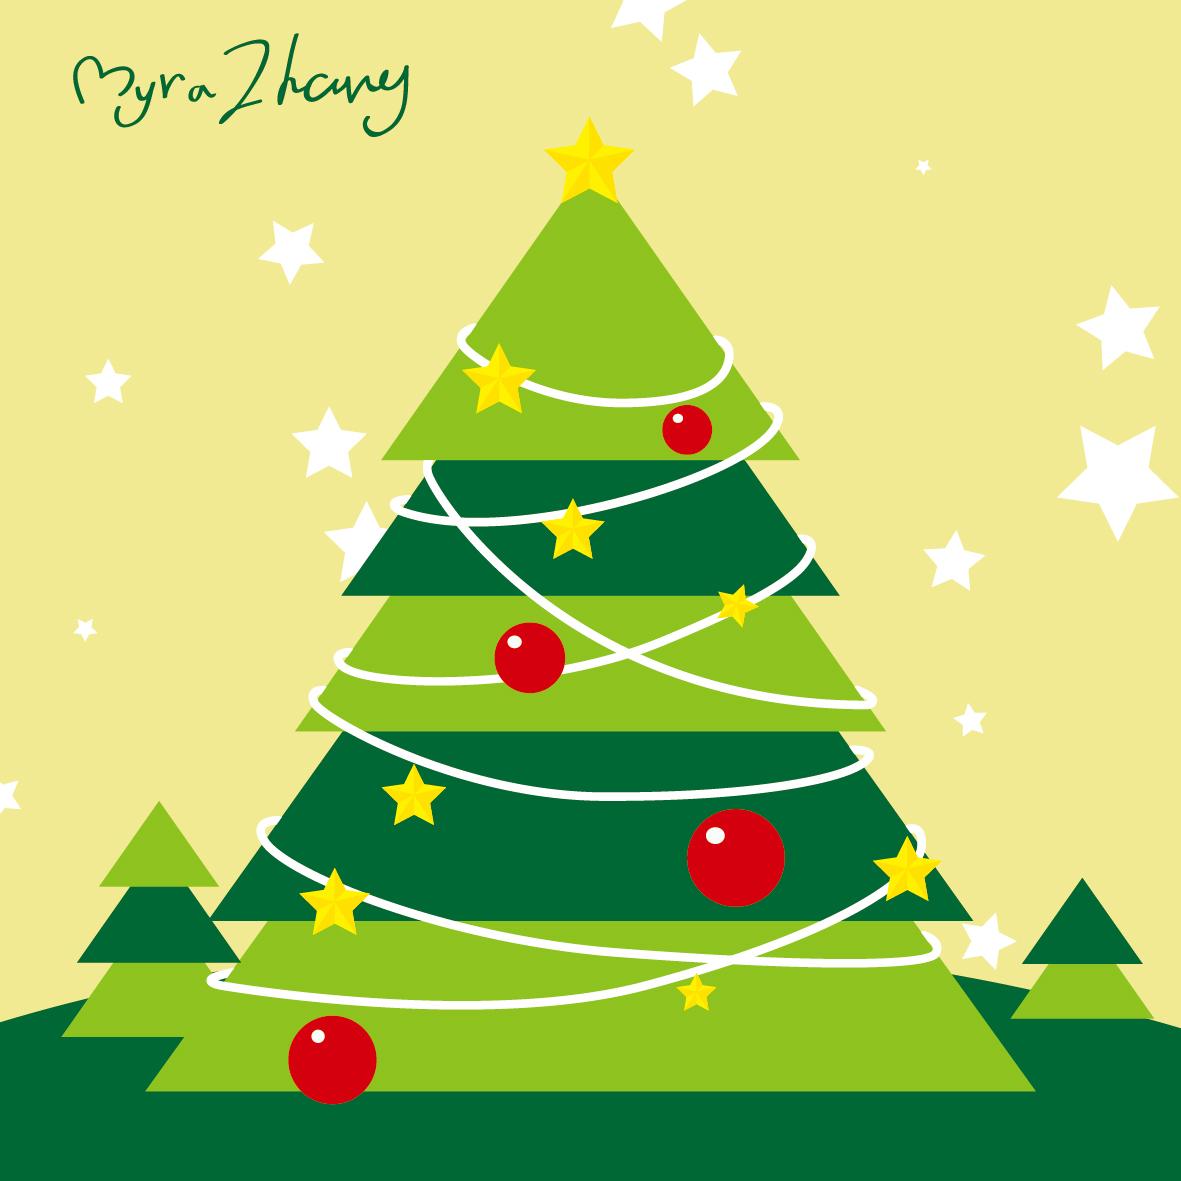 圣诞节插图设计